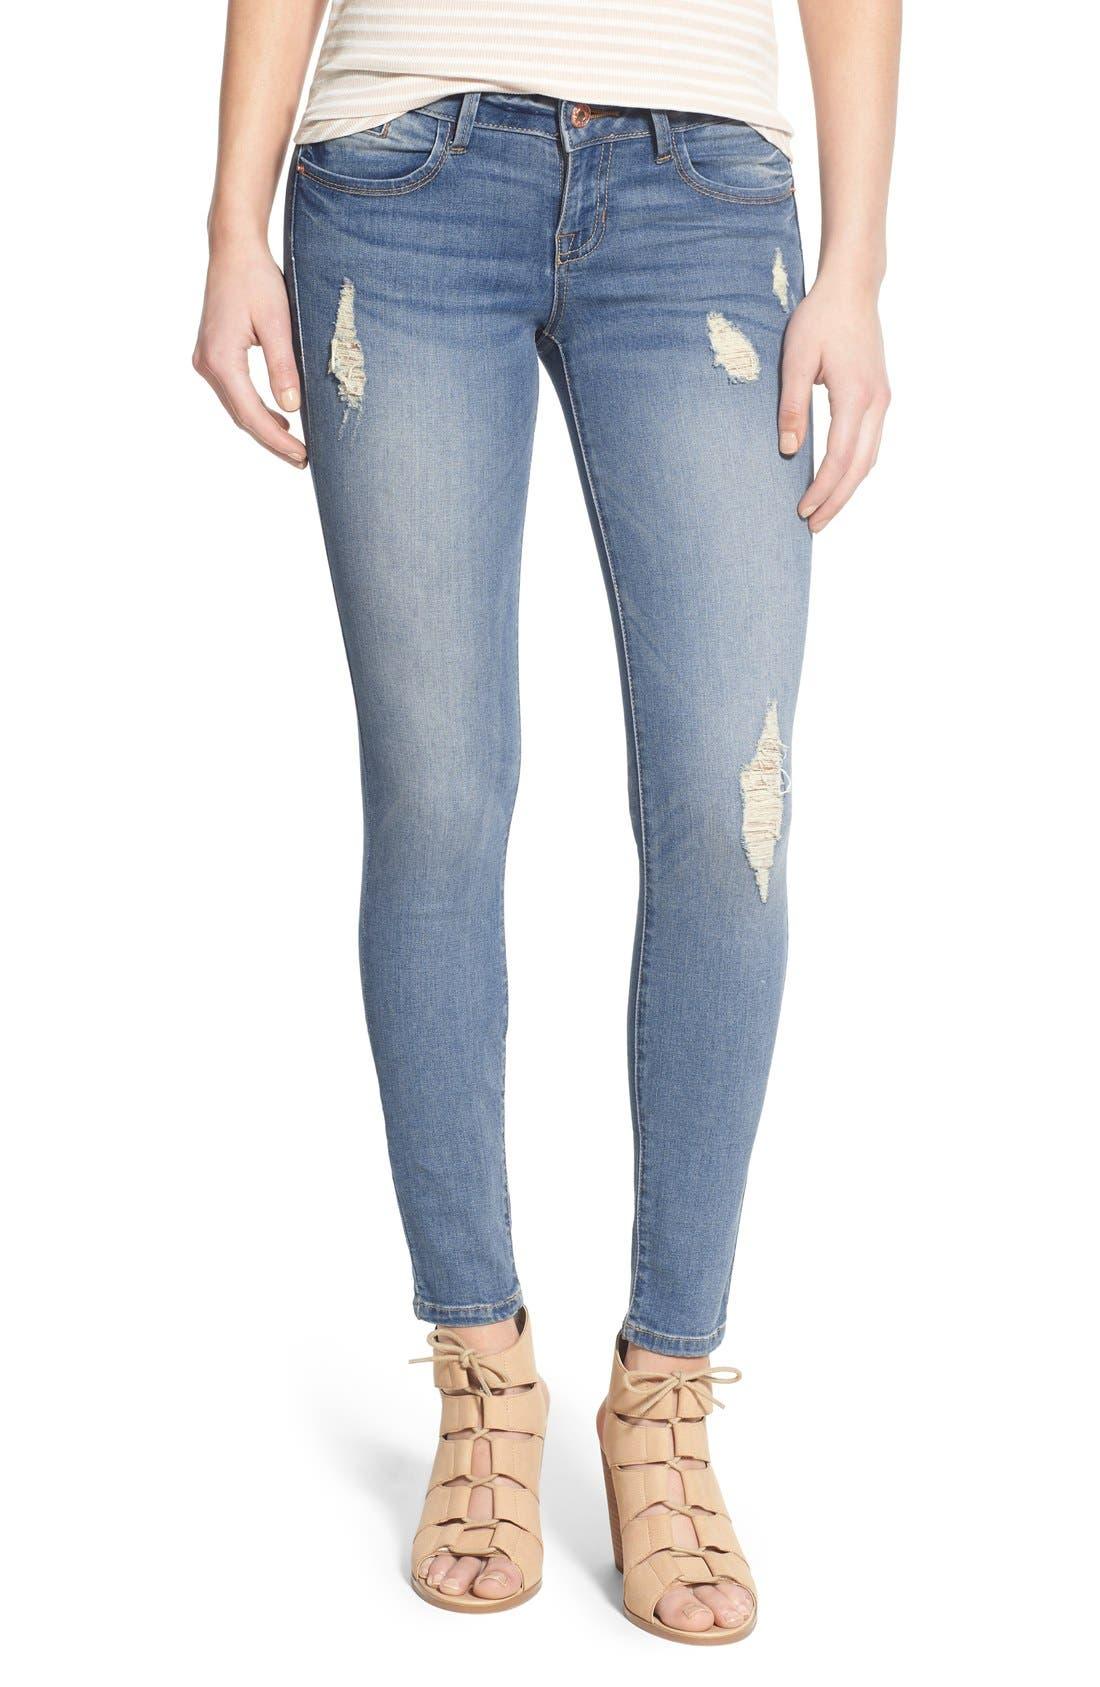 Alternate Image 1 Selected - SP Black Distressed Skinny Jeans (Light Wash)